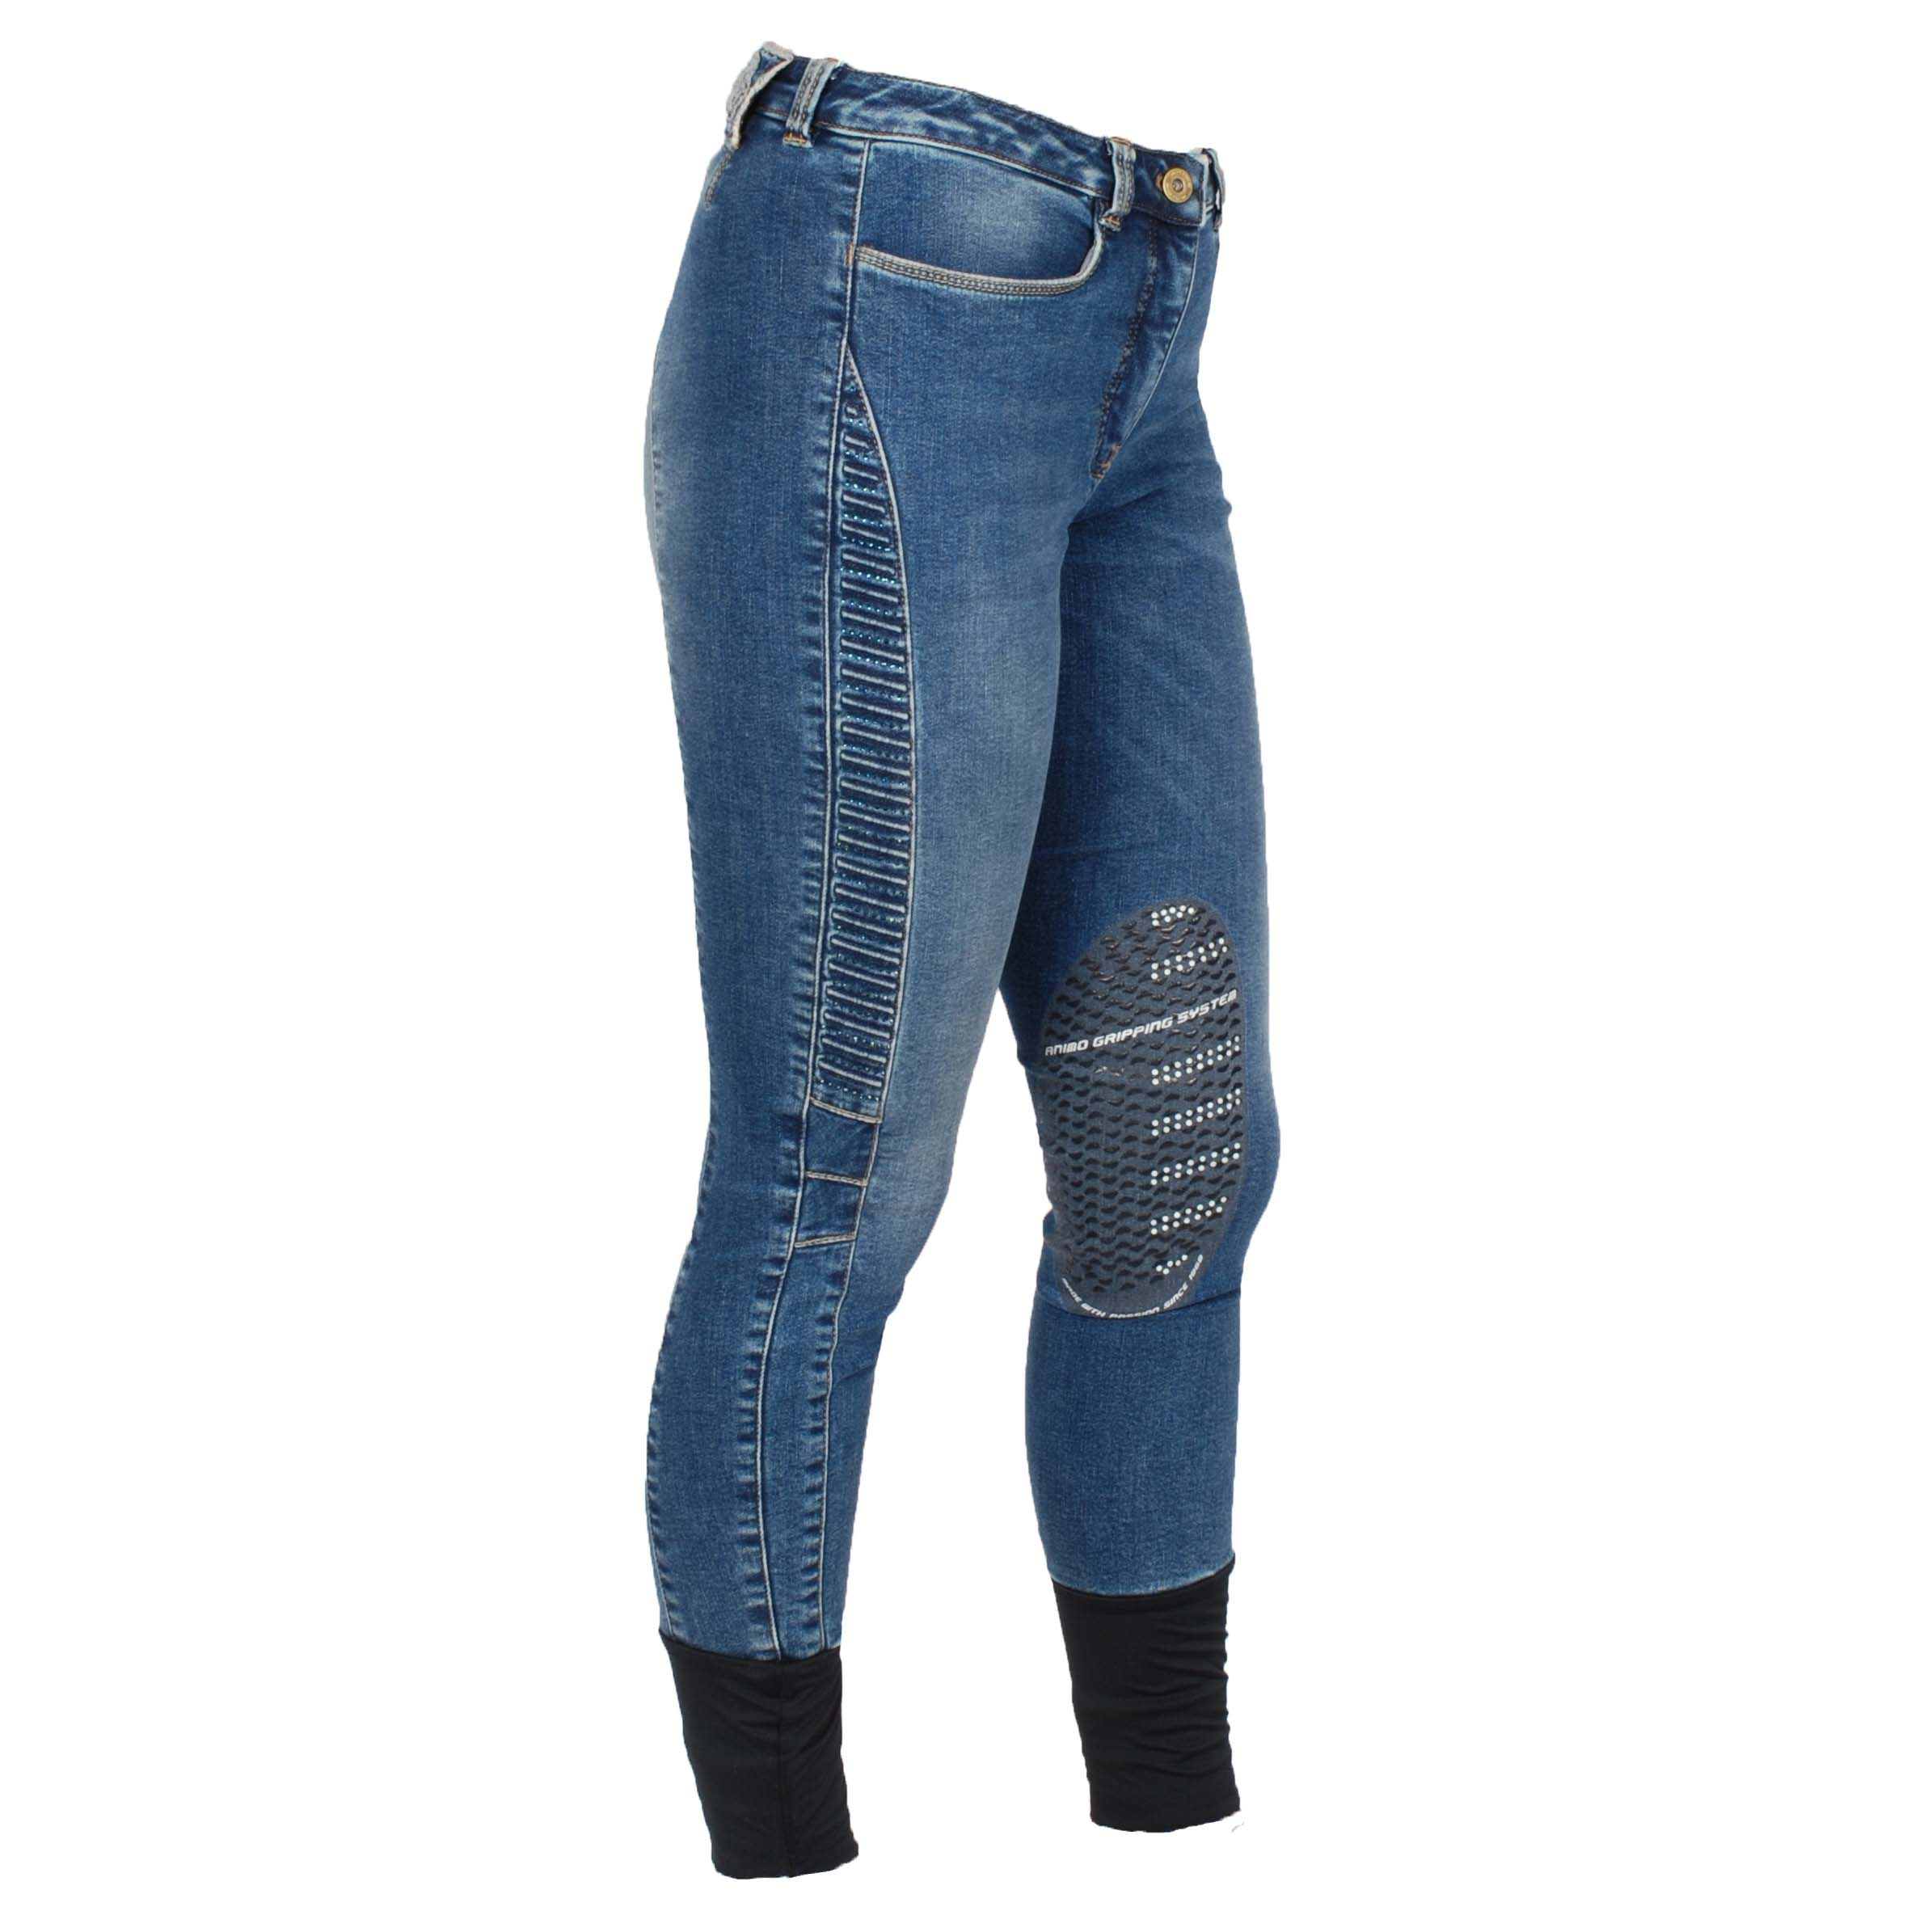 Animo Niwo jeans rijbroek jeans maat:34